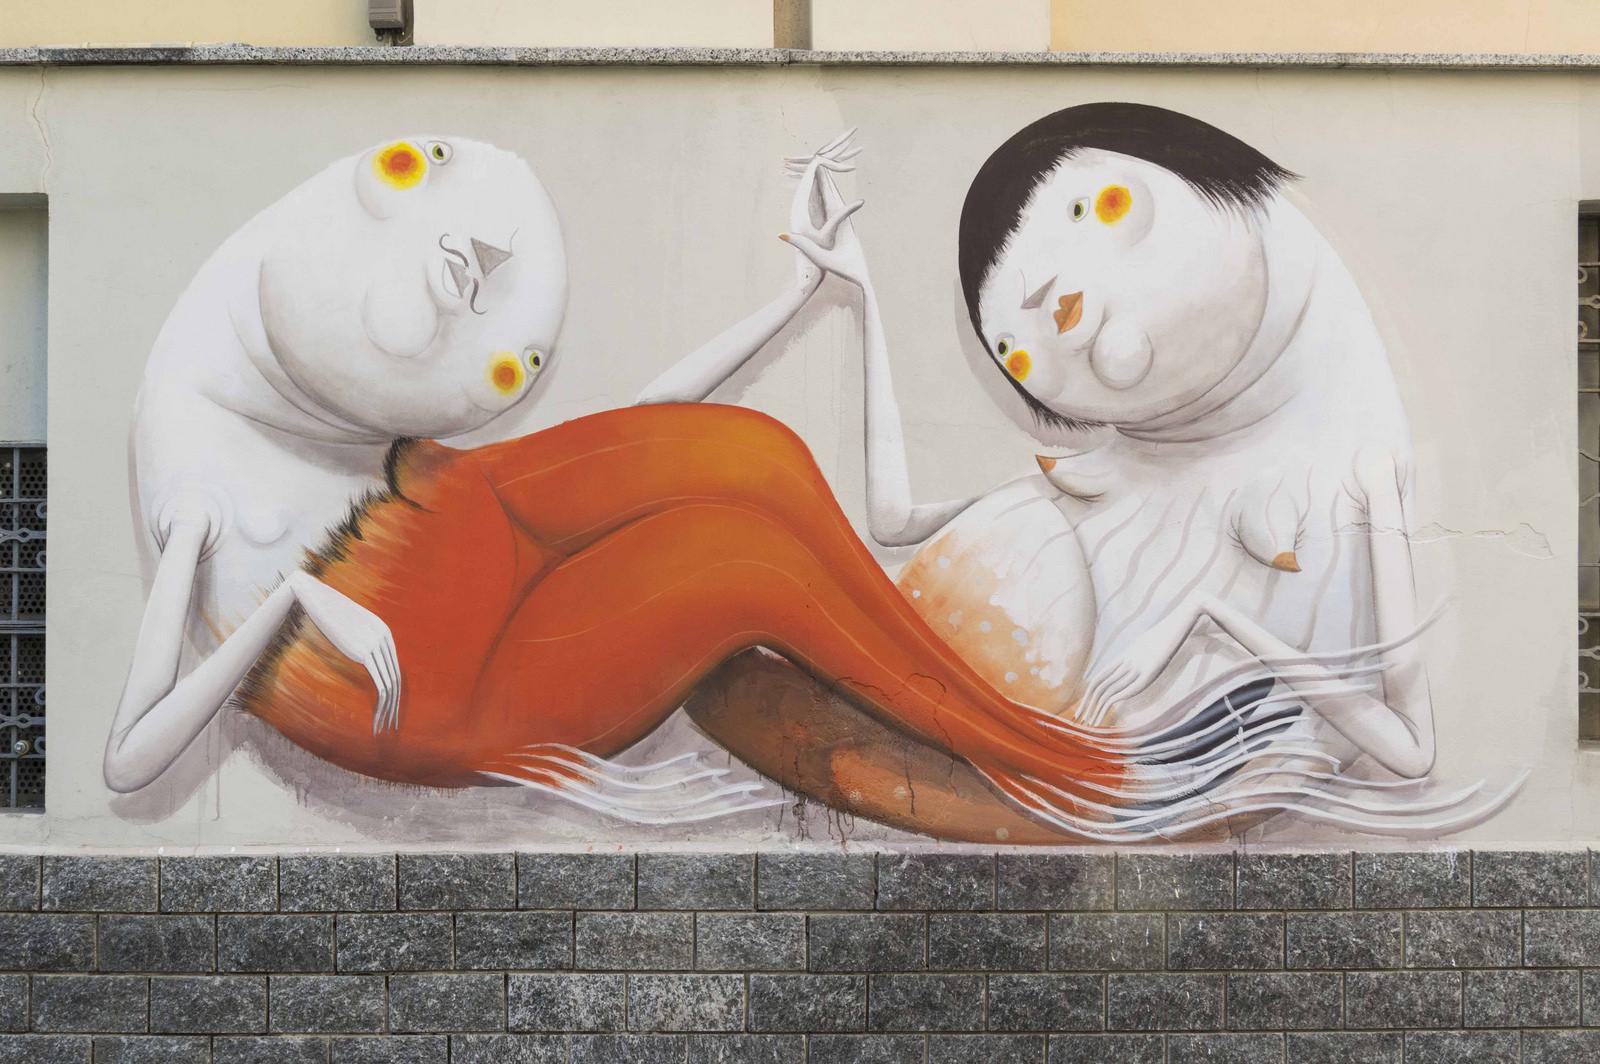 zed1-non-si-puo-andare-contro-natura-new-mural-in-milano-04